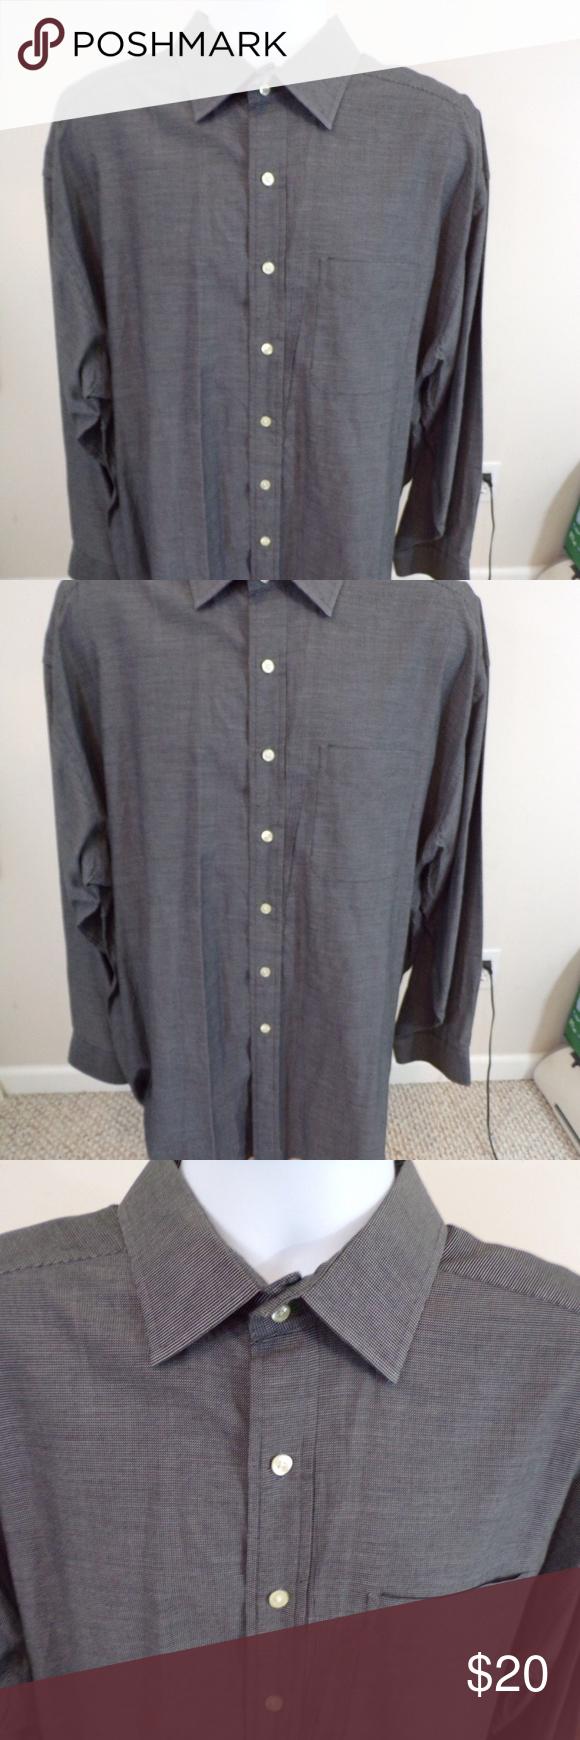 Tommy Hilfiger Mens Dress Shirt Sz 18 3435 In 2018 My Posh Closet